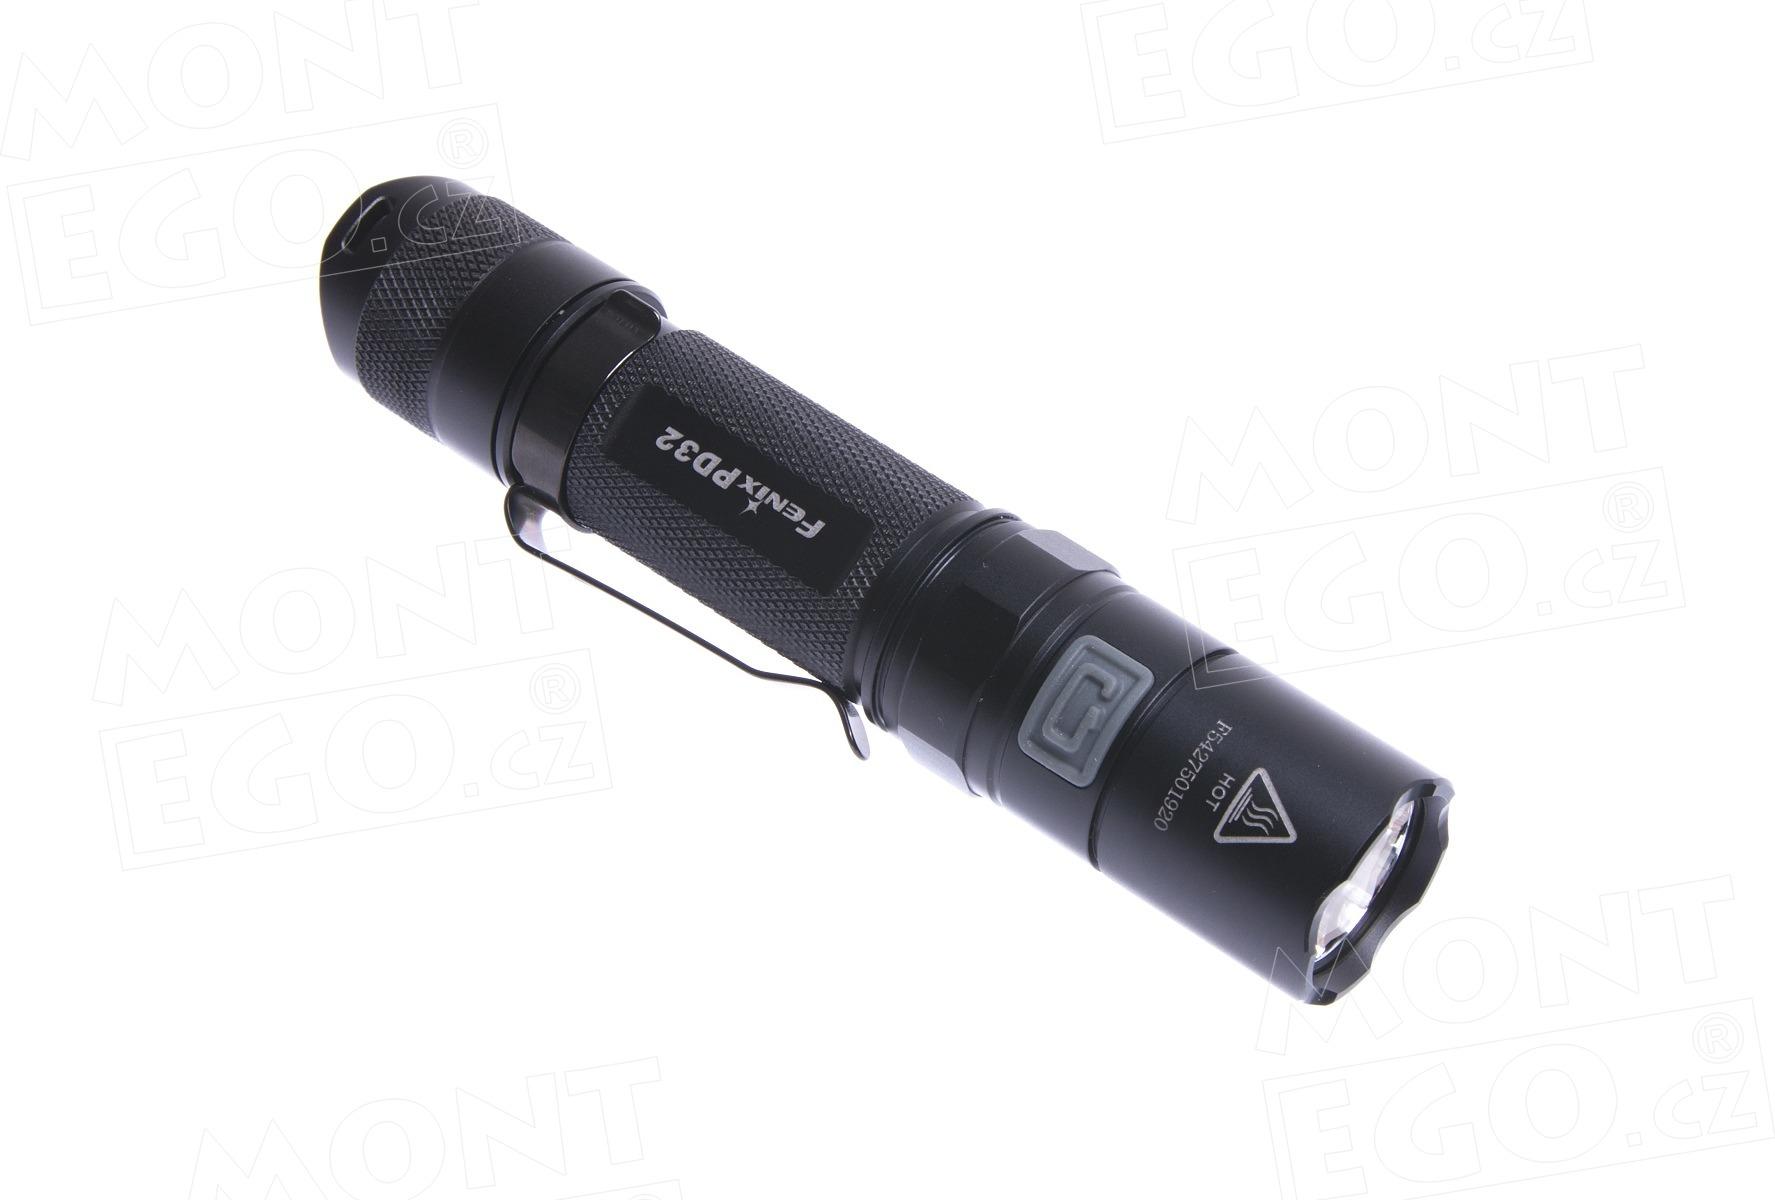 LED baterka Fenix PD32 Premium G2, svítilna s 340 lumeny